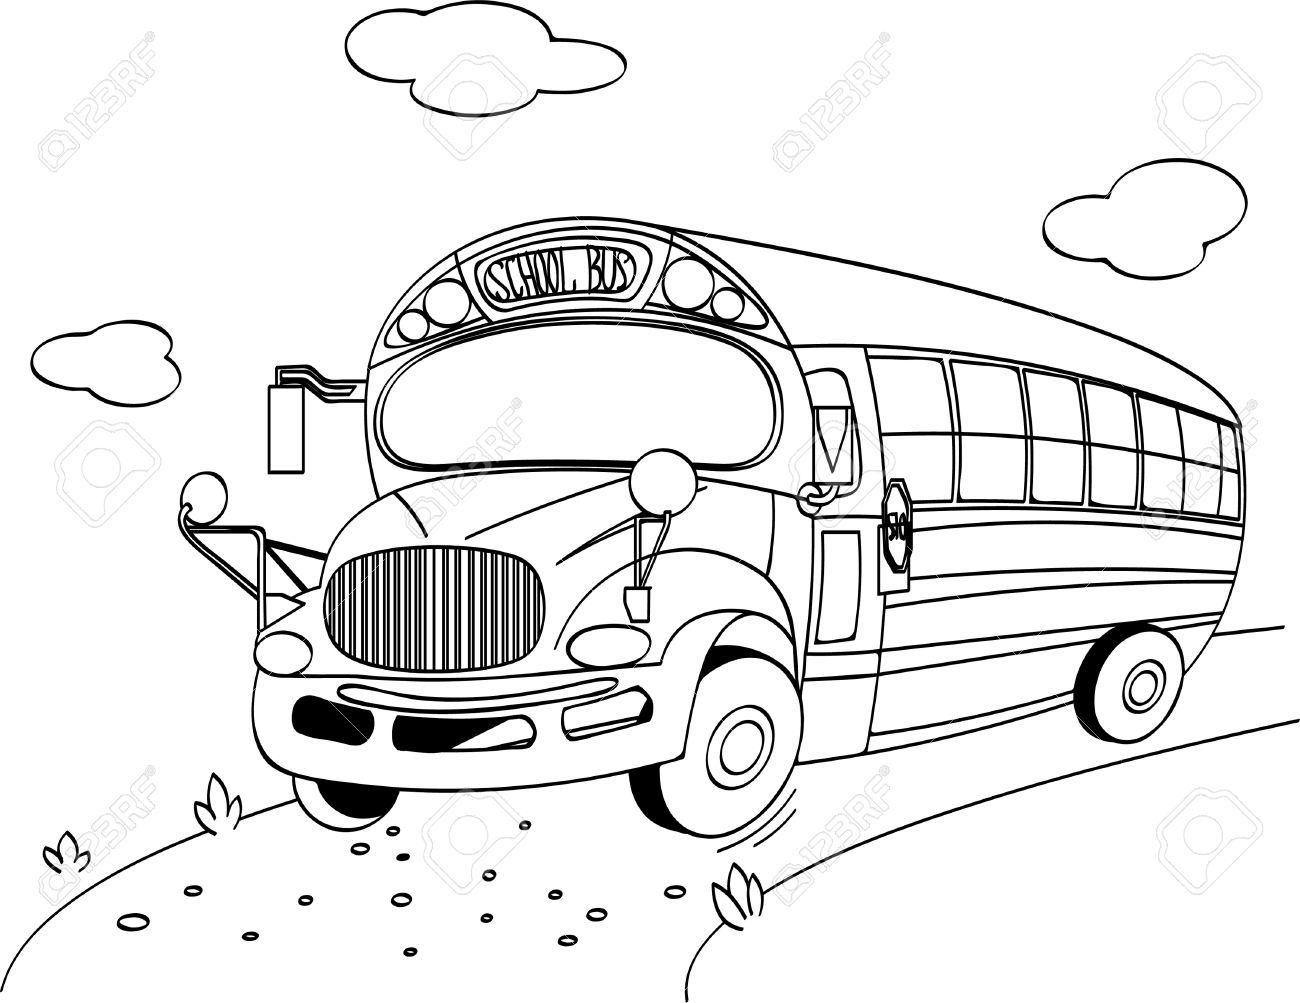 Página Para Colorear De Un Autobús Escolar Ilustraciones Vectoriales ...